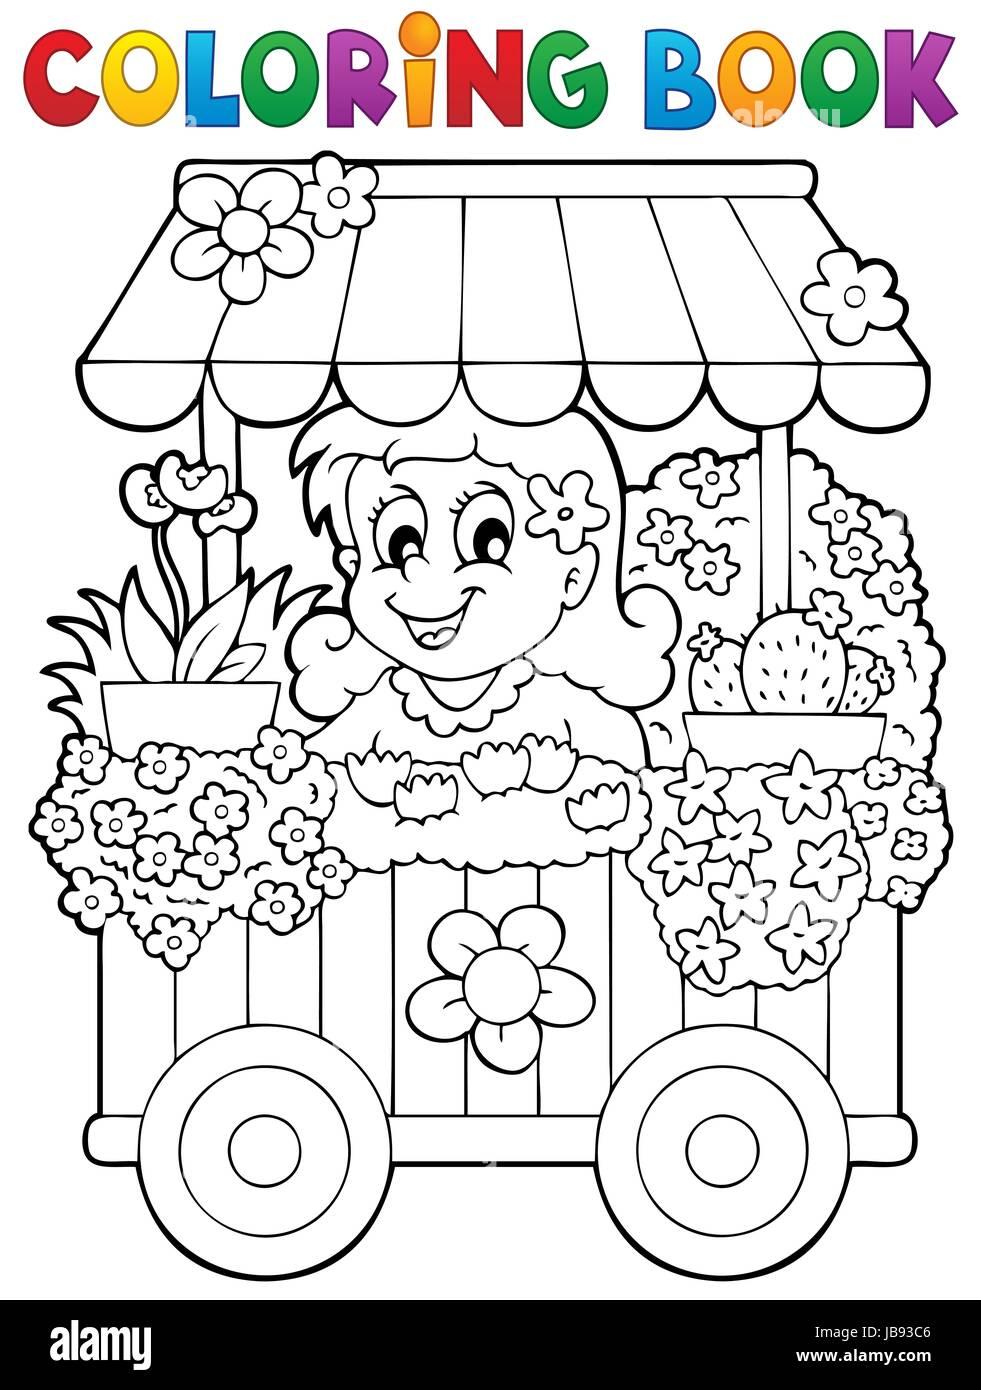 Tolle Malvorlagen Entwirft Blumen Ideen - Malvorlagen Von Tieren ...